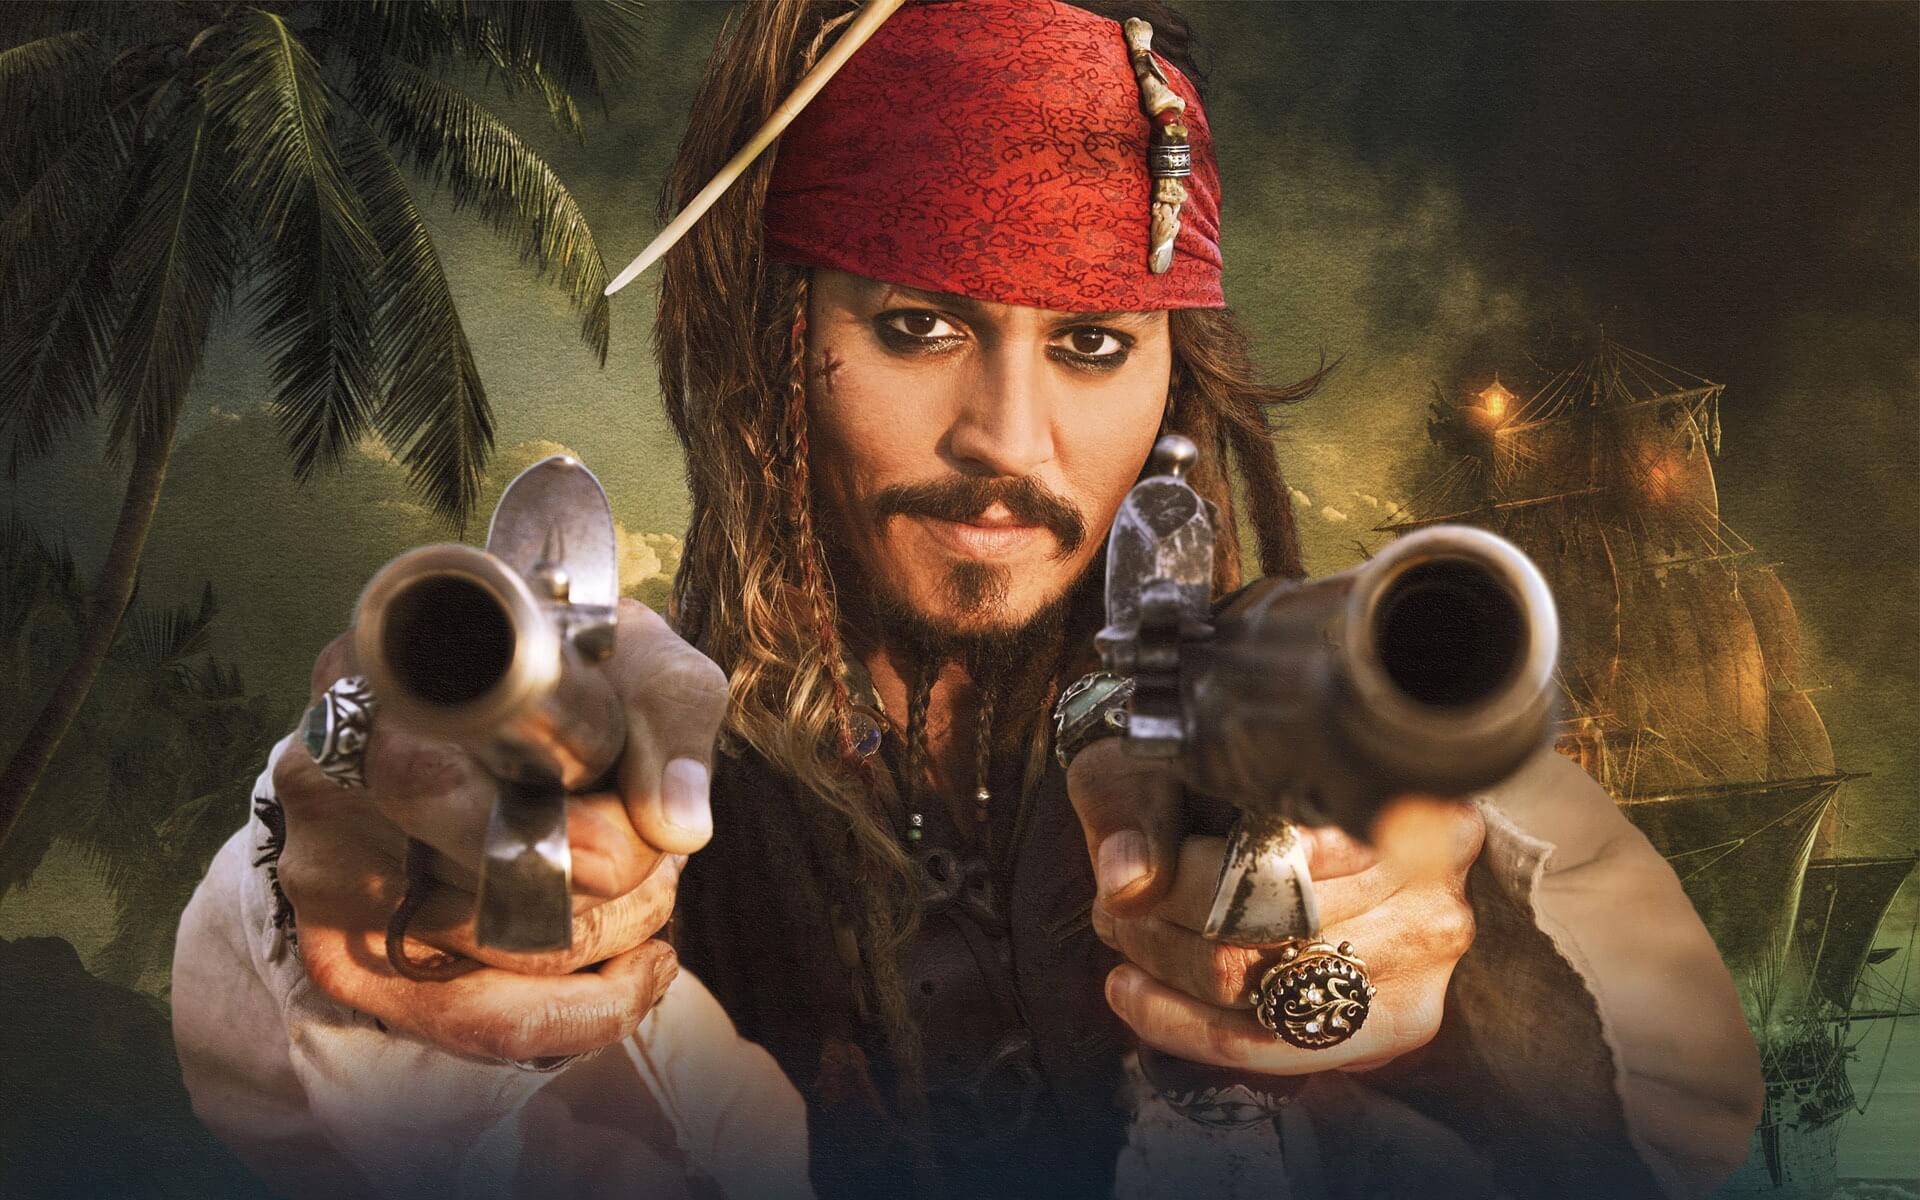 Johnny Depp's / أجمل أفلام جوني ديب   ماكتيوبس أشهر ما قدمه من أفلام